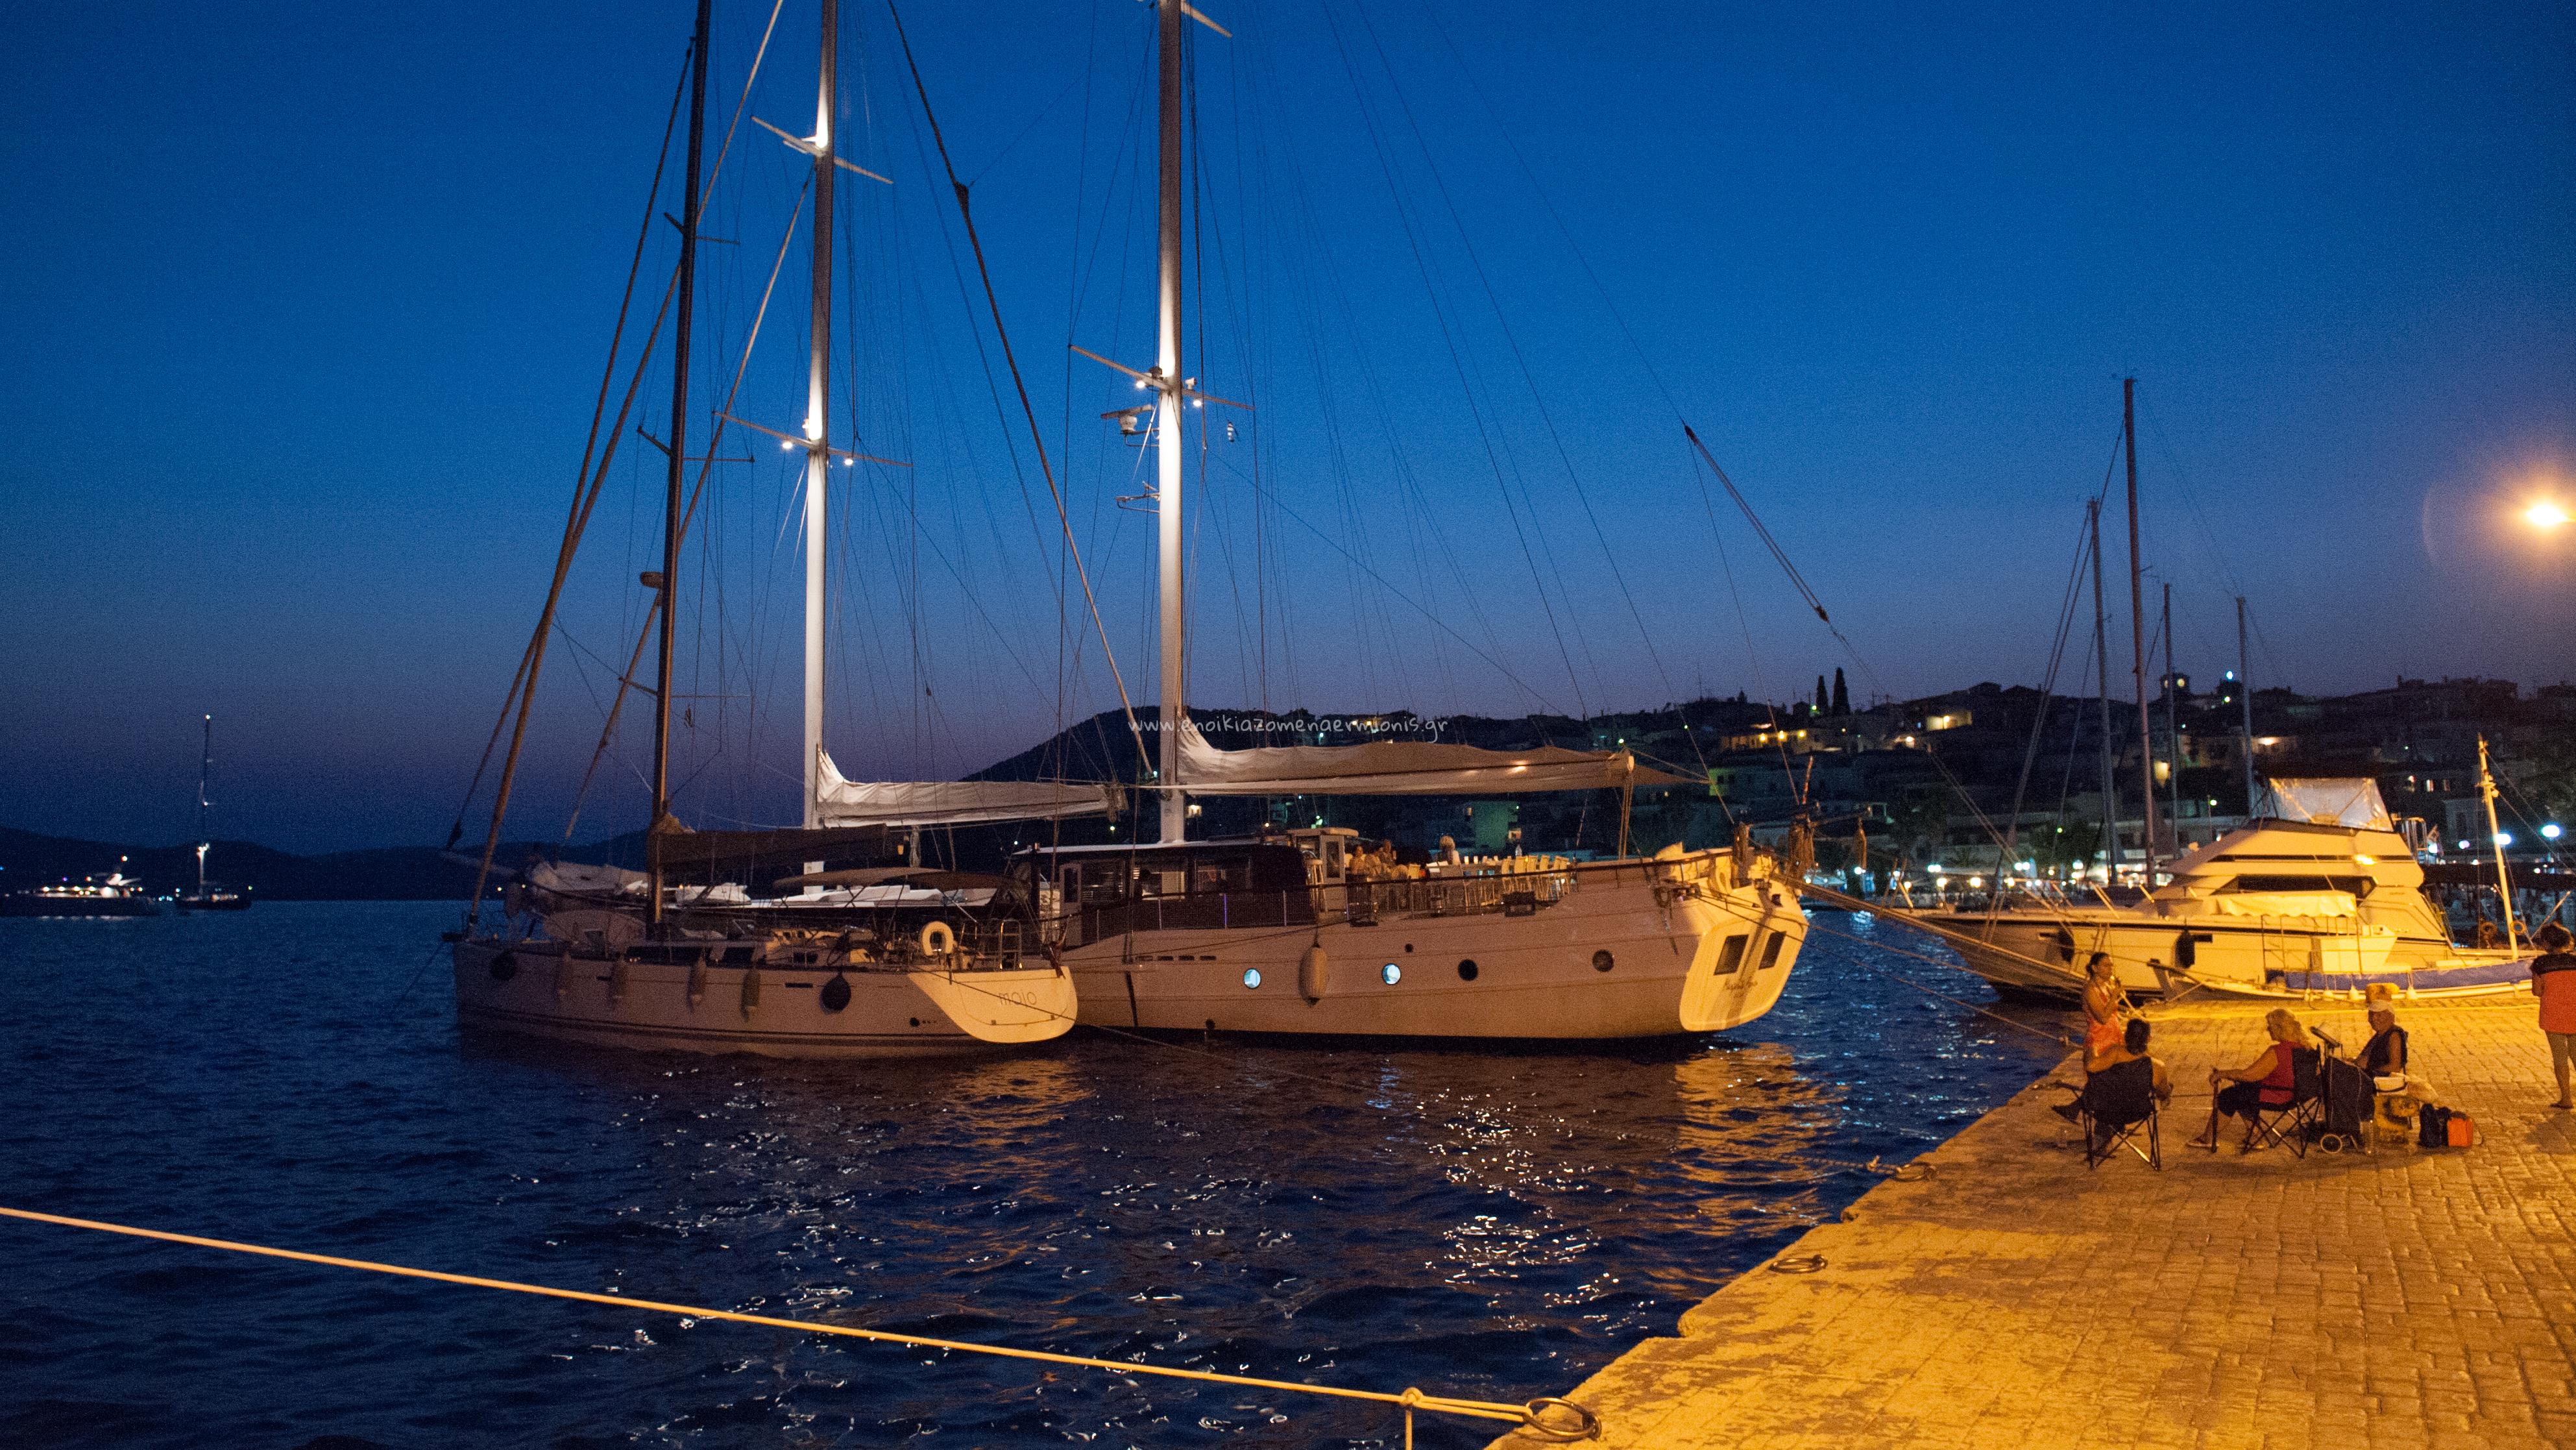 Ιστιοφόρο & Ιστιοπλοϊκό σκάφος στα Μαντράκια το βράδυ